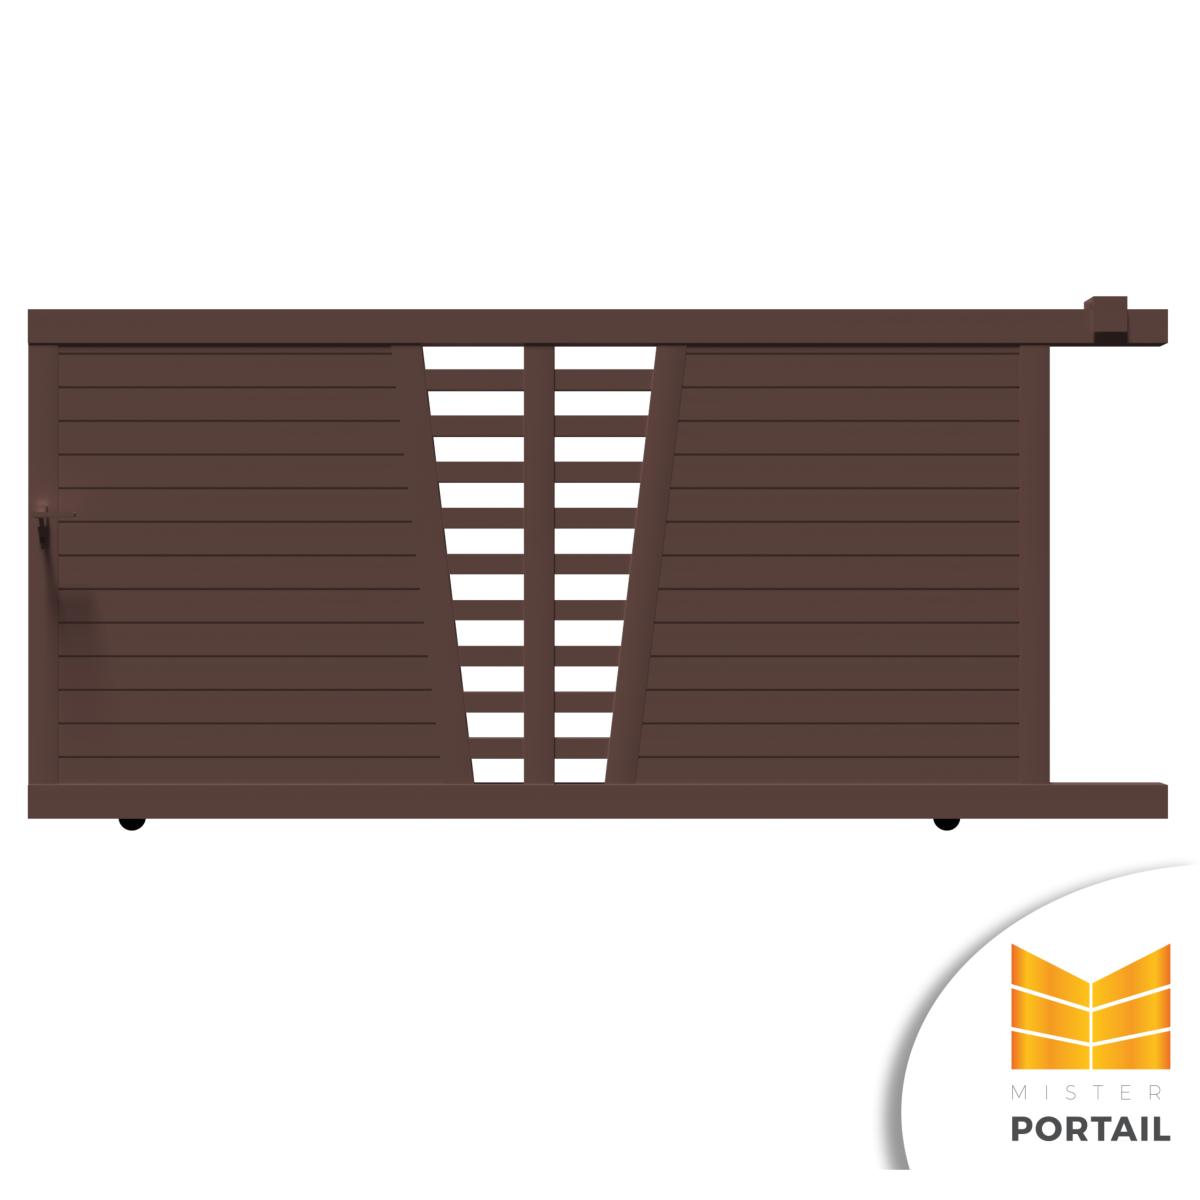 portail moderne alu coulissant pour votre maison iris misterportail. Black Bedroom Furniture Sets. Home Design Ideas